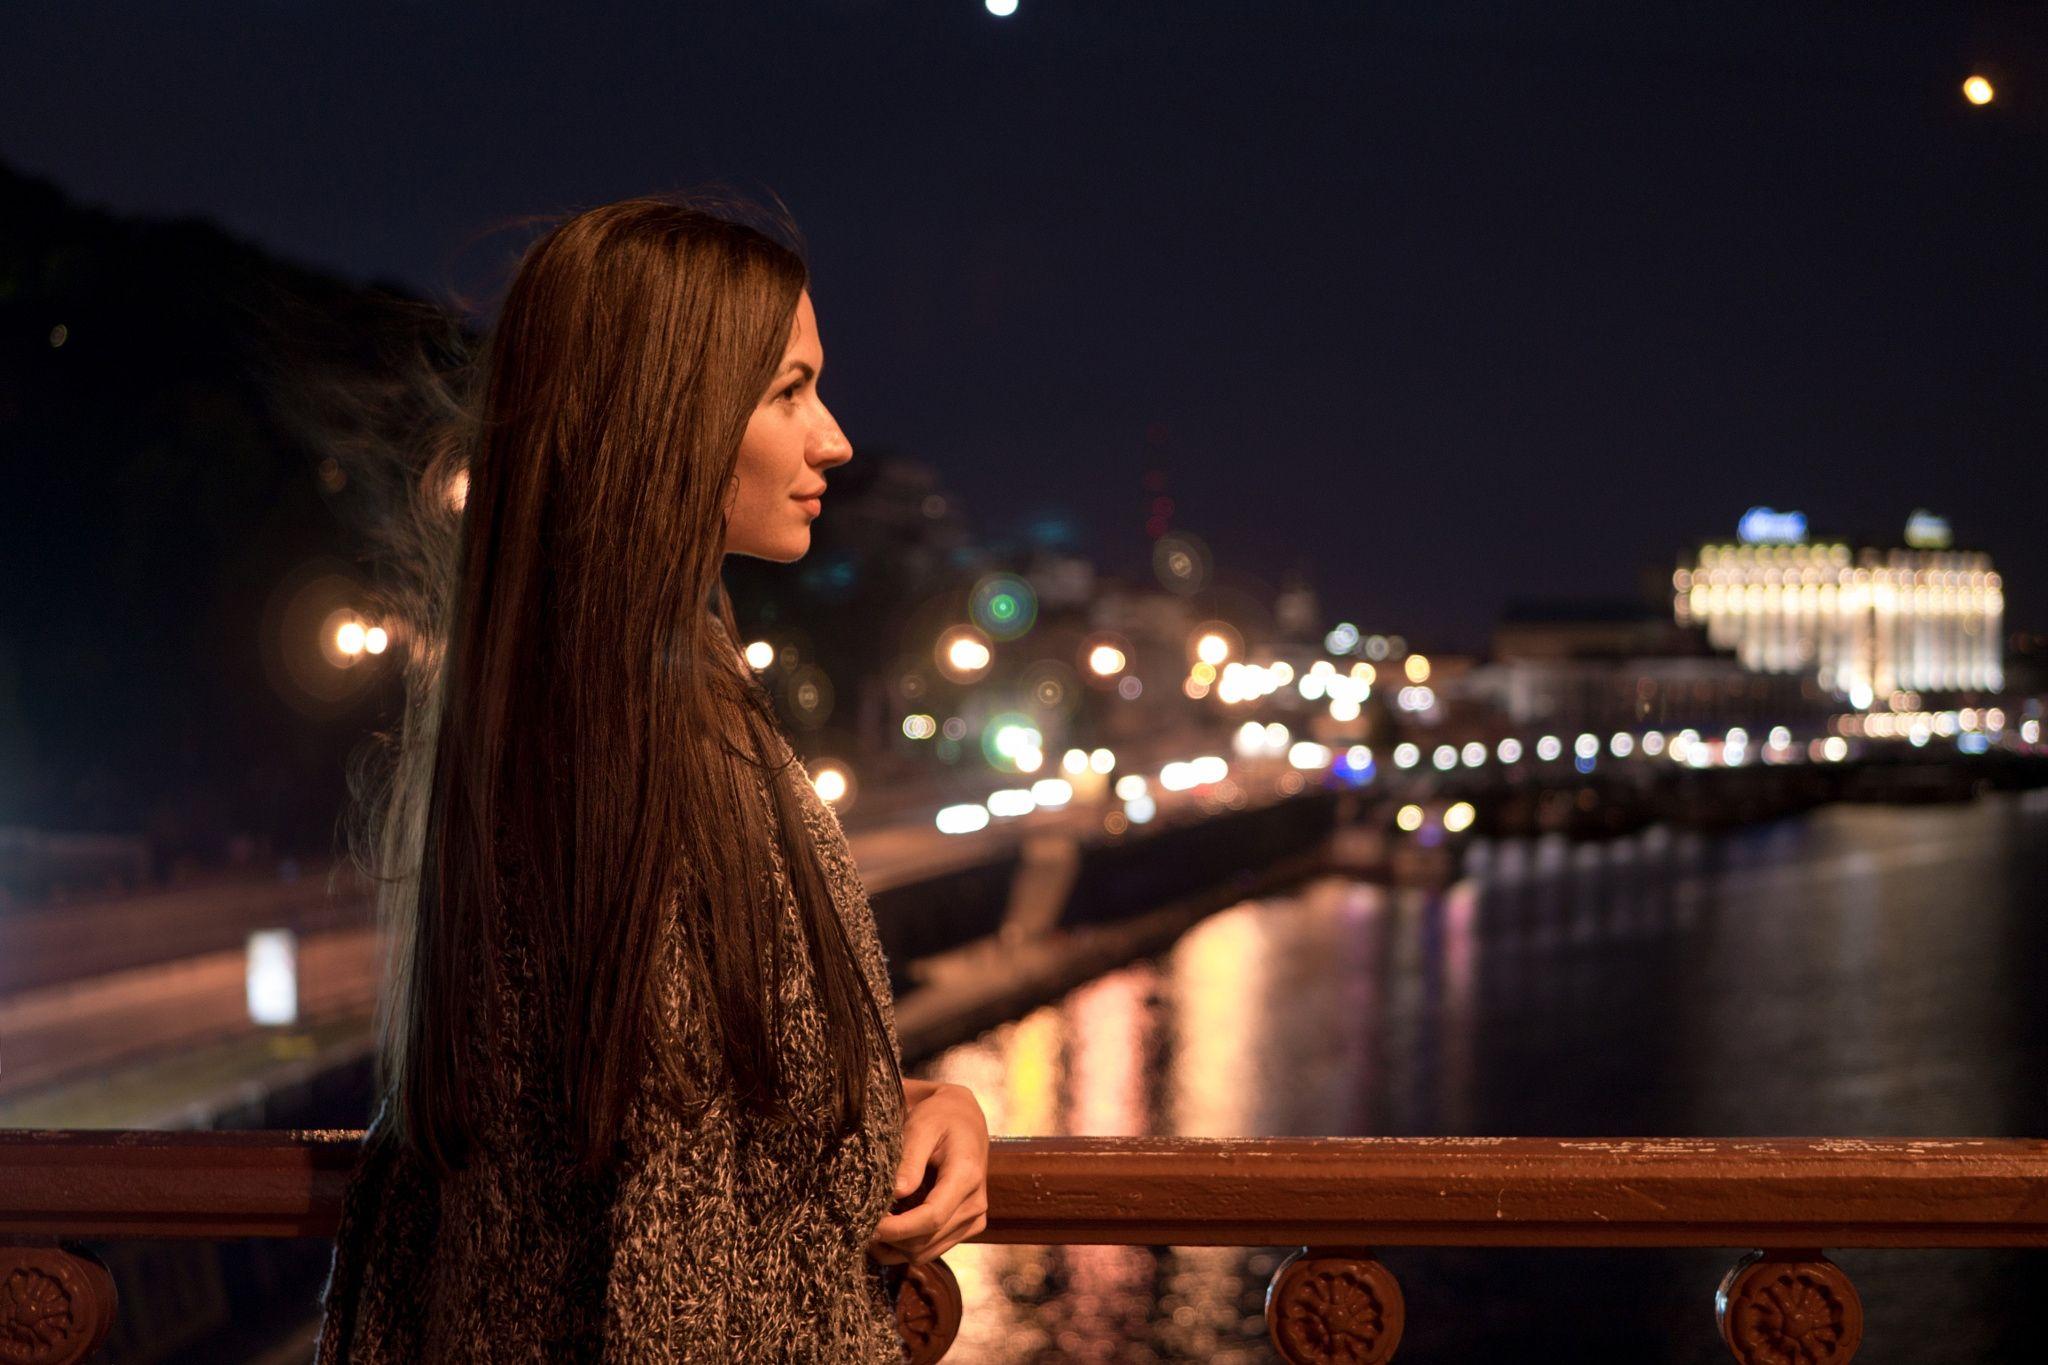 Ночное фото с девушкой